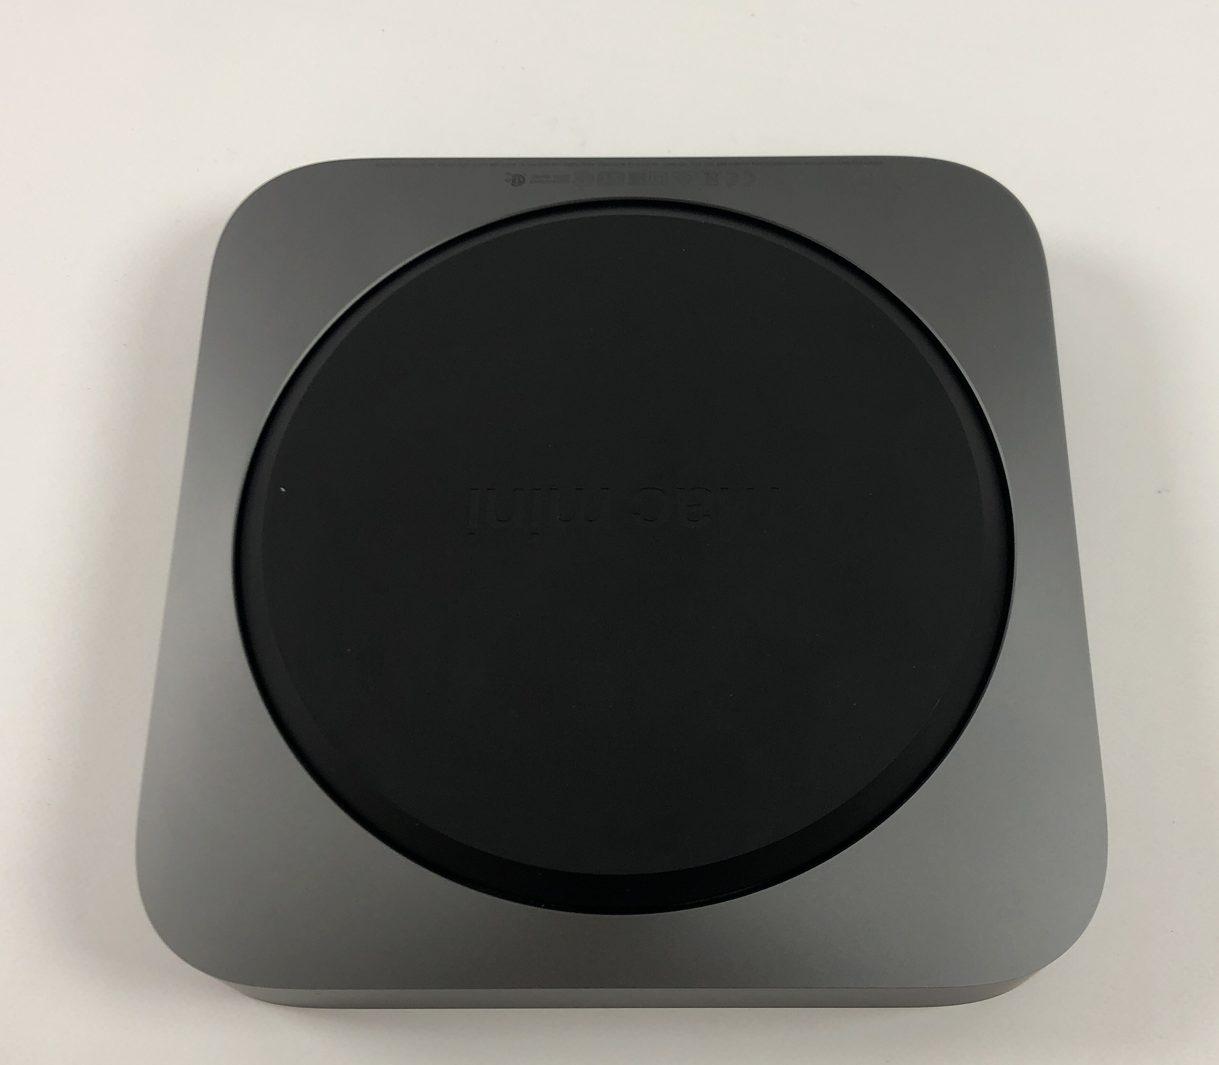 Mac Mini Late 2018 (Intel Quad-Core i3 3.6 GHz 64 GB RAM 128 GB SSD), Intel Quad-Core i3 3.6 GHz, 64 GB RAM, 128 GB SSD, Afbeelding 2